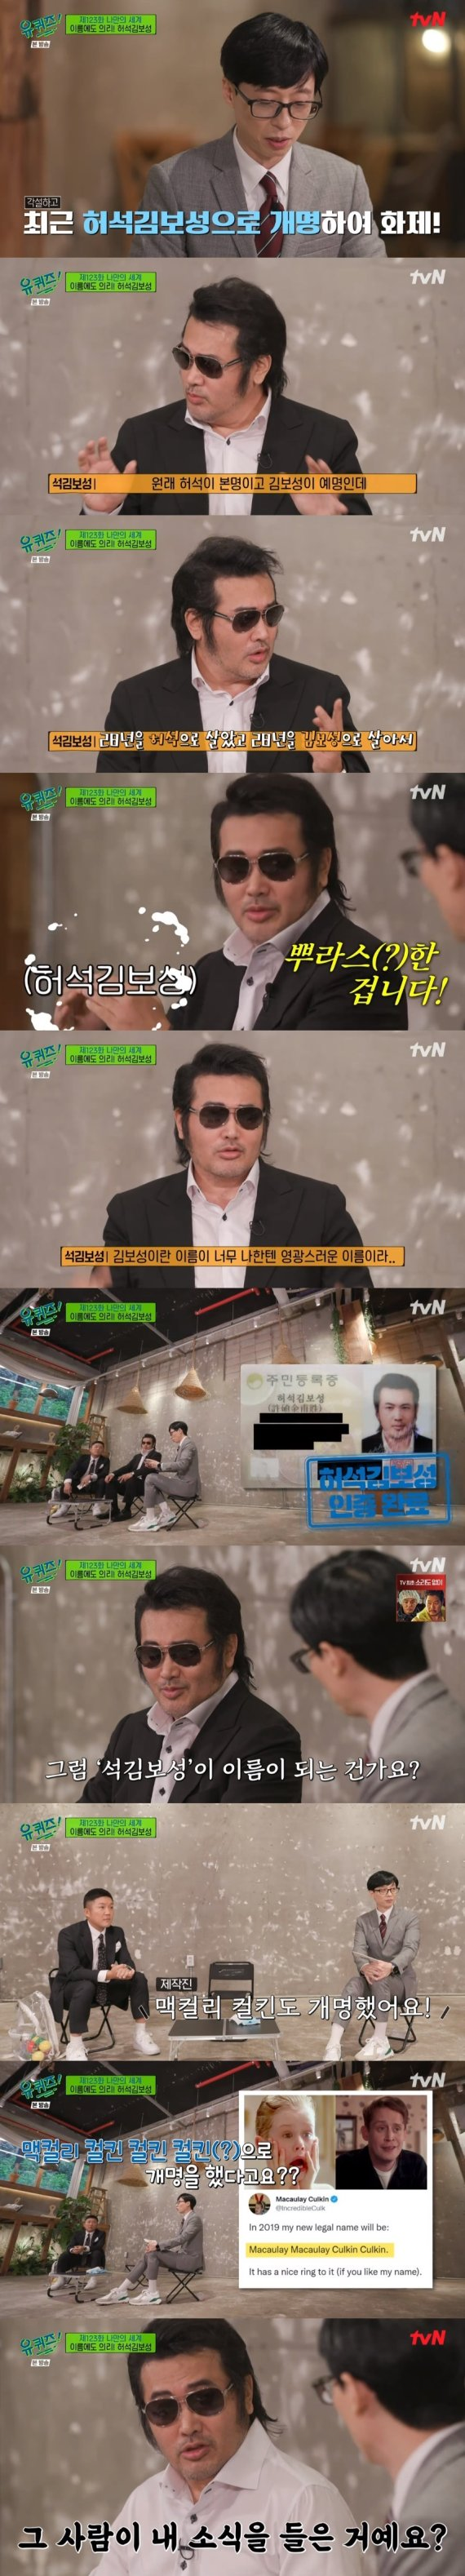 김보성→허석김보성, 개명한 이유는…새 주민등록증 깜짝 공개 [RE:TV]